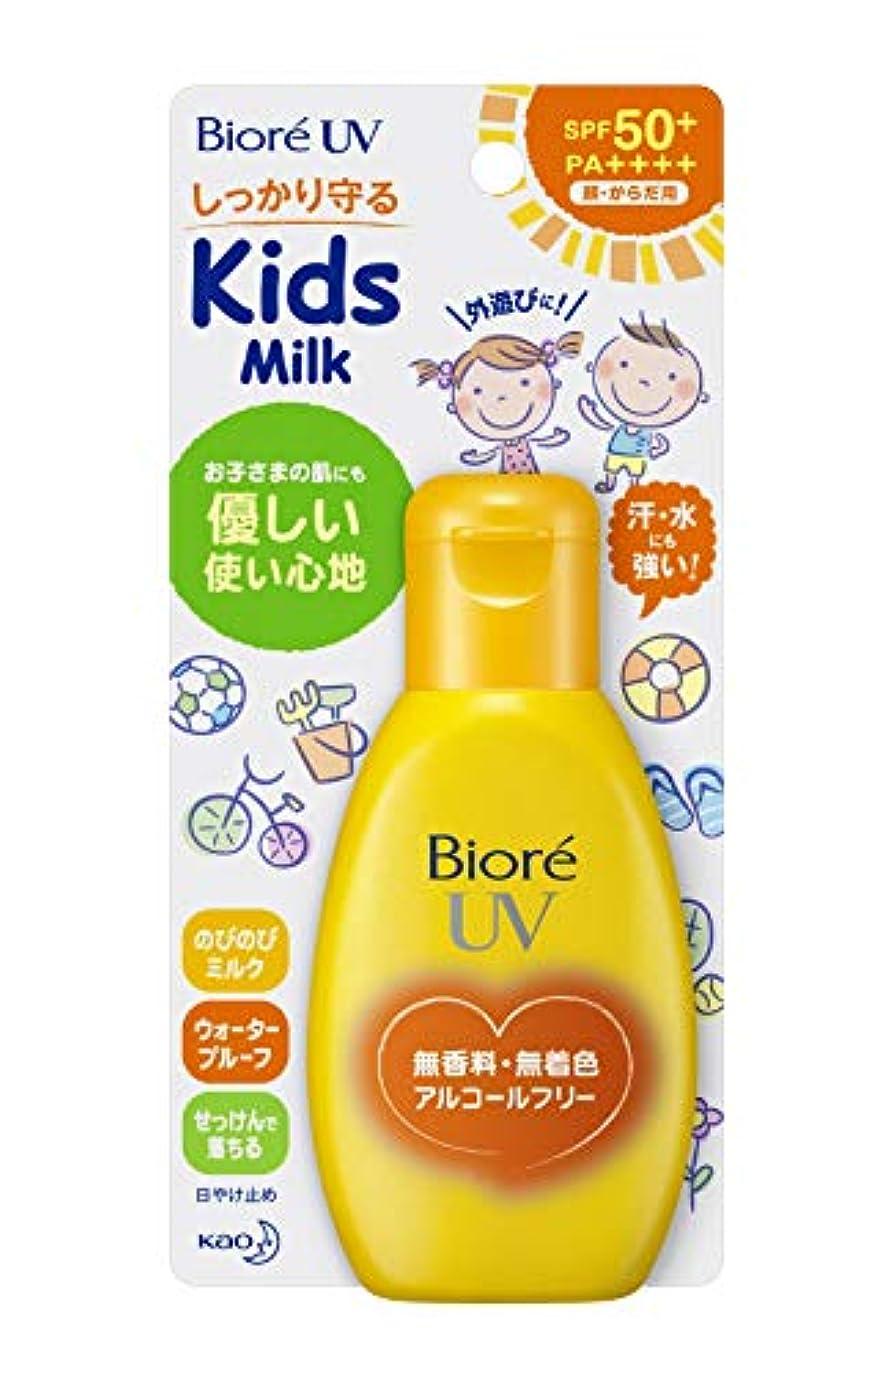 ビオレ UV のびのびキッズミルク SPF50+/PA++++ 90g